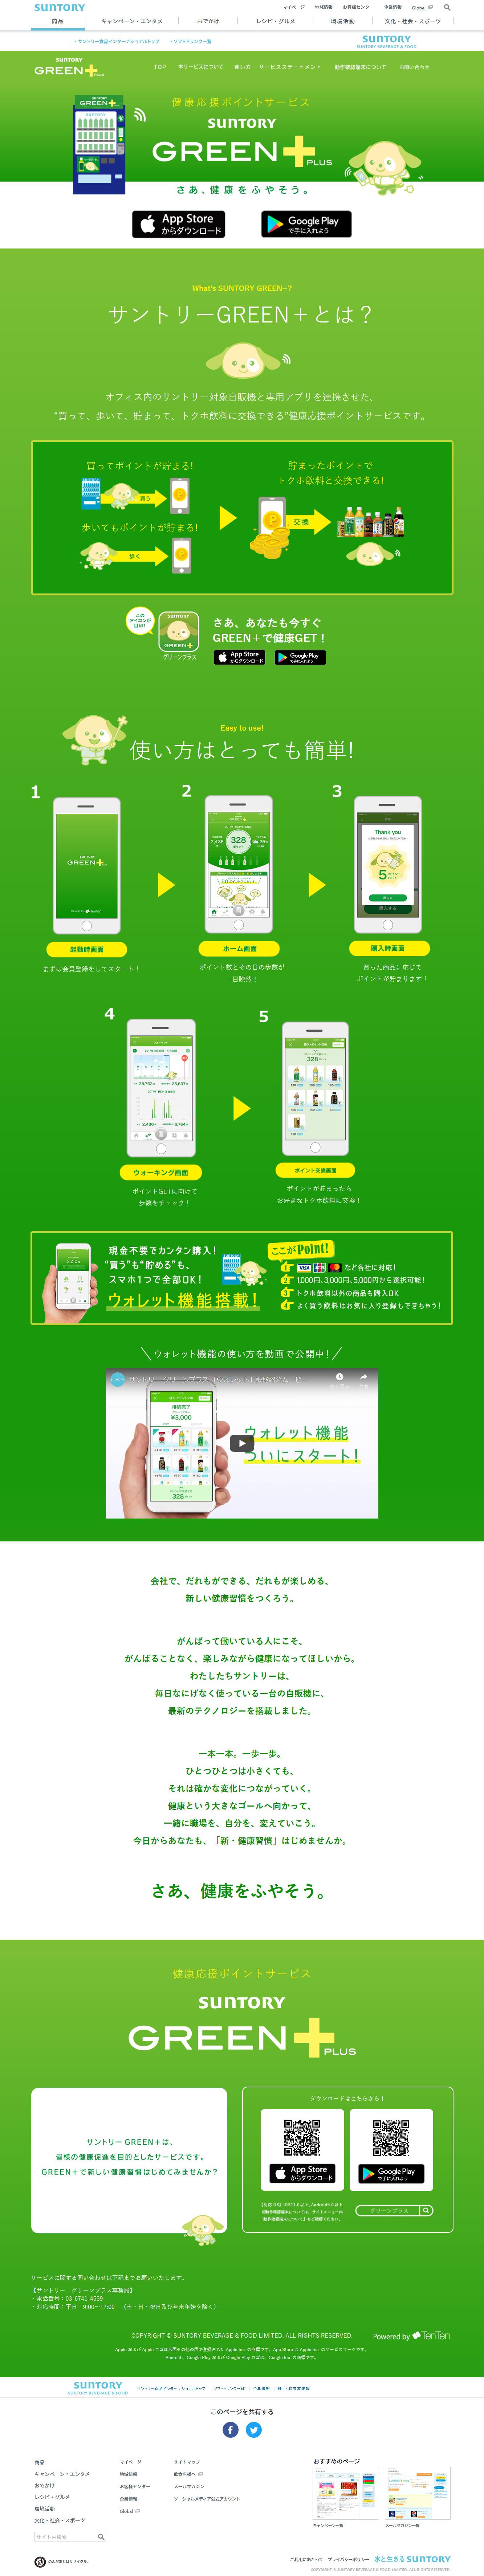 GREEN+(グリーンプラス)